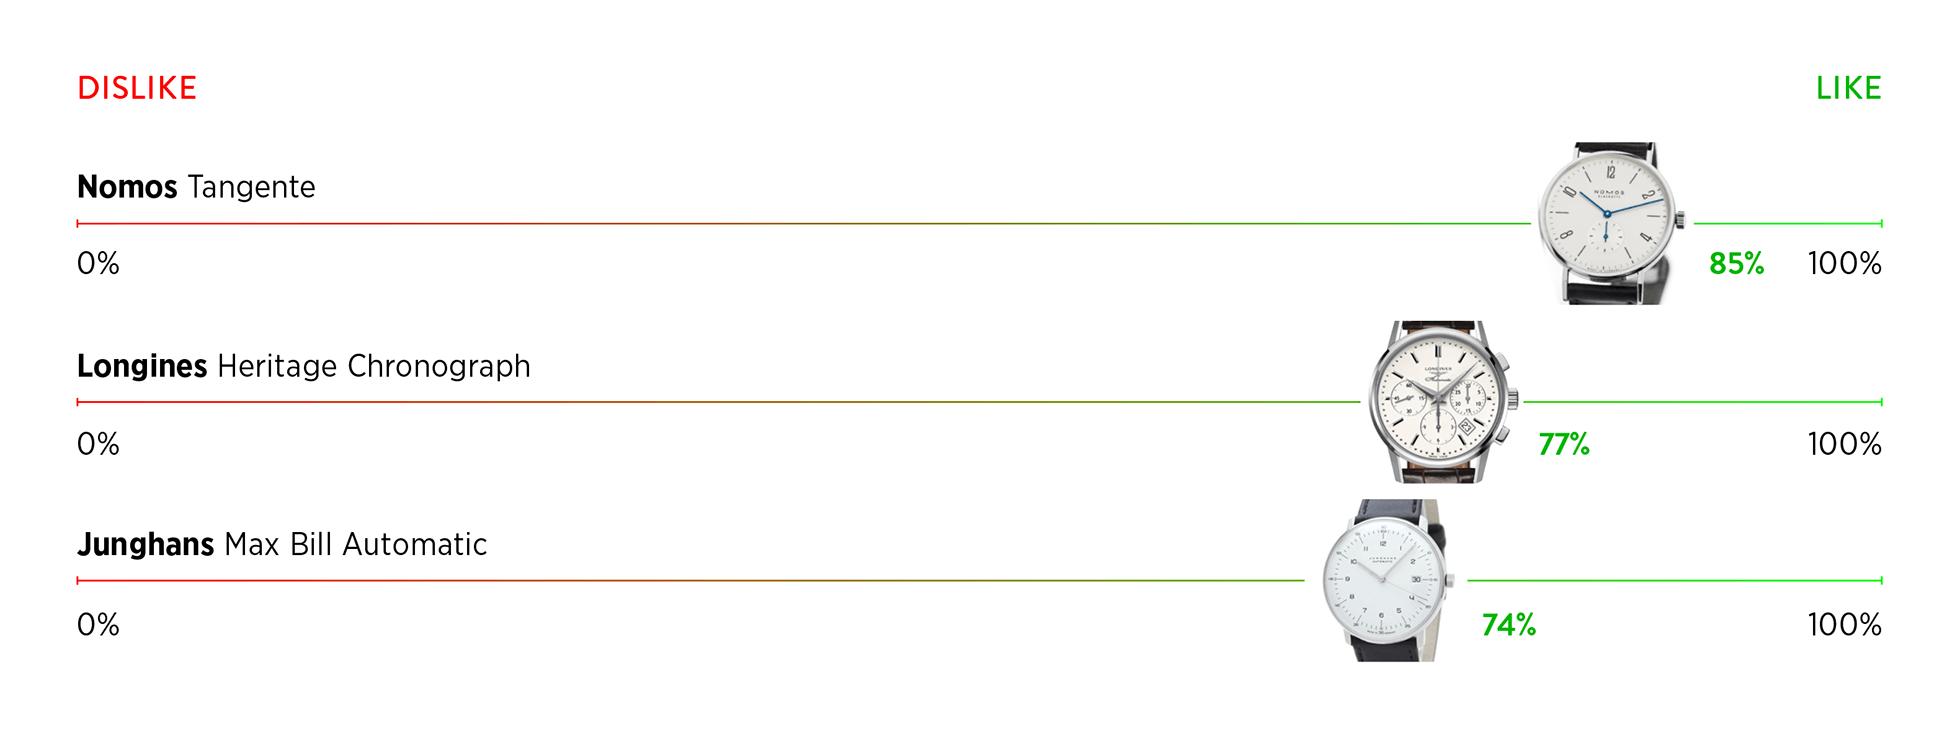 klockor som tjejer gillar minimalistiska klockor